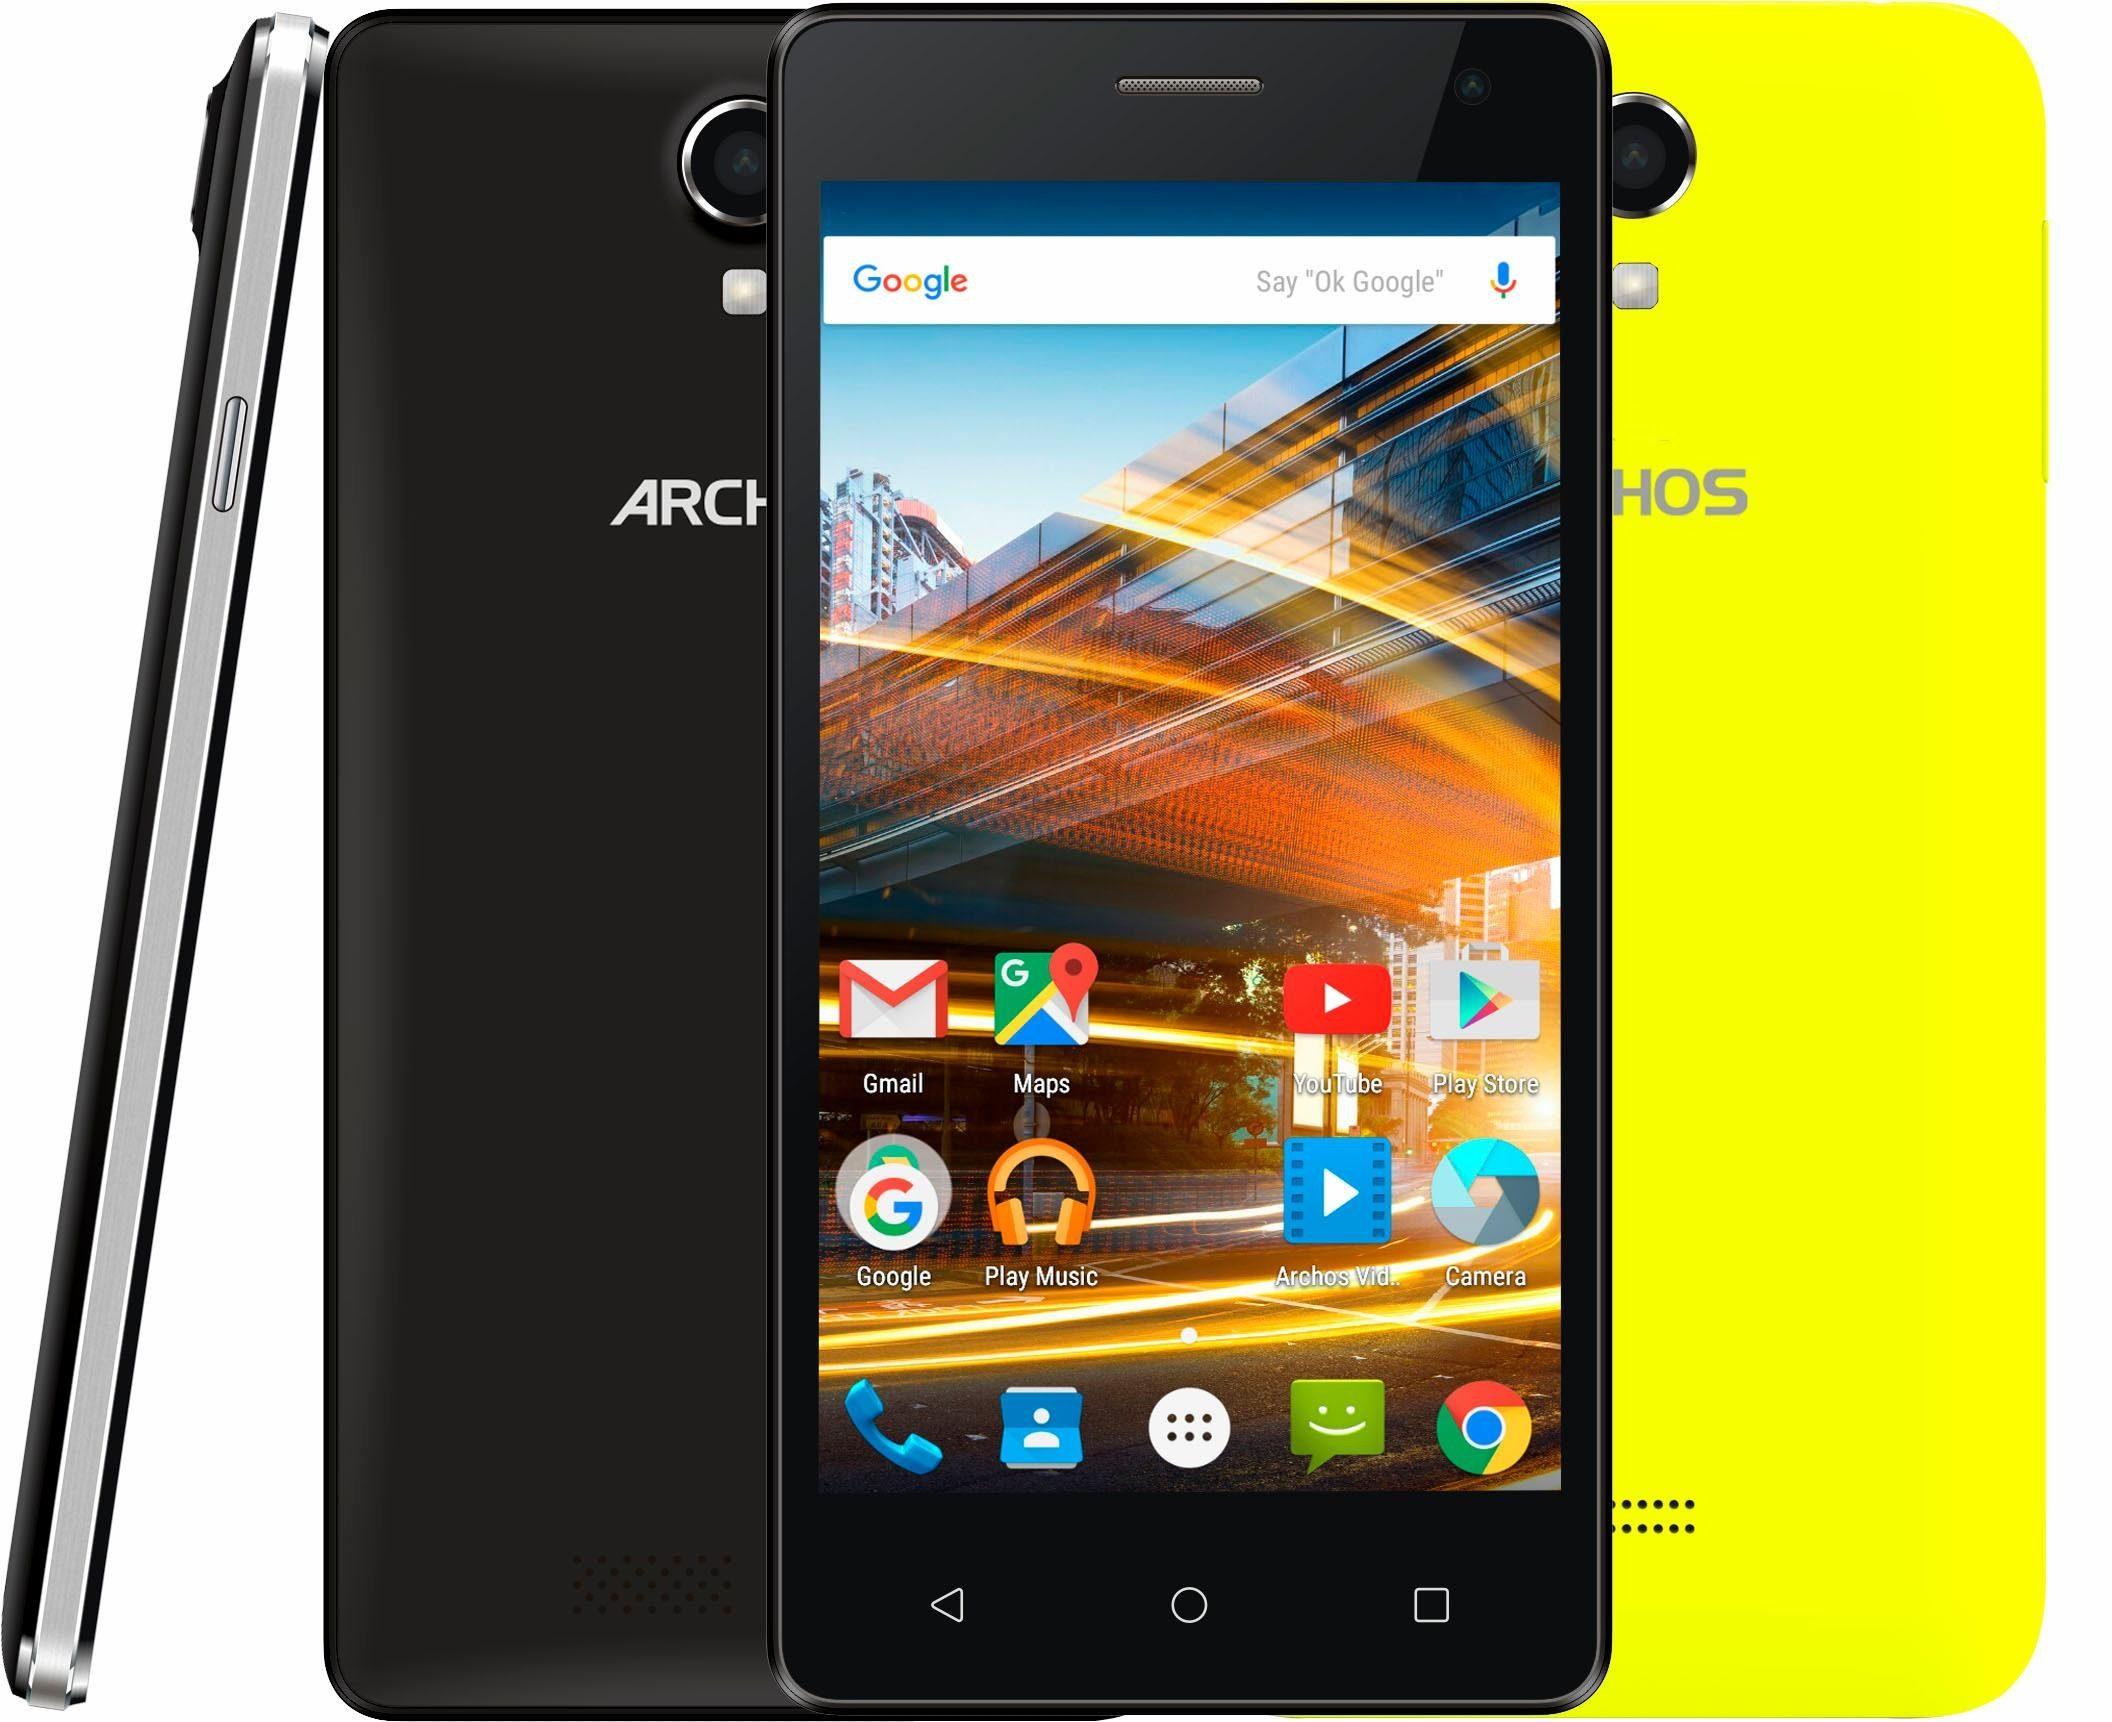 Archos 50d Neon Smartphone, 12,7 cm (5 Zoll) Display, Android 5.1 Lollipop, 8,0 Megapixel